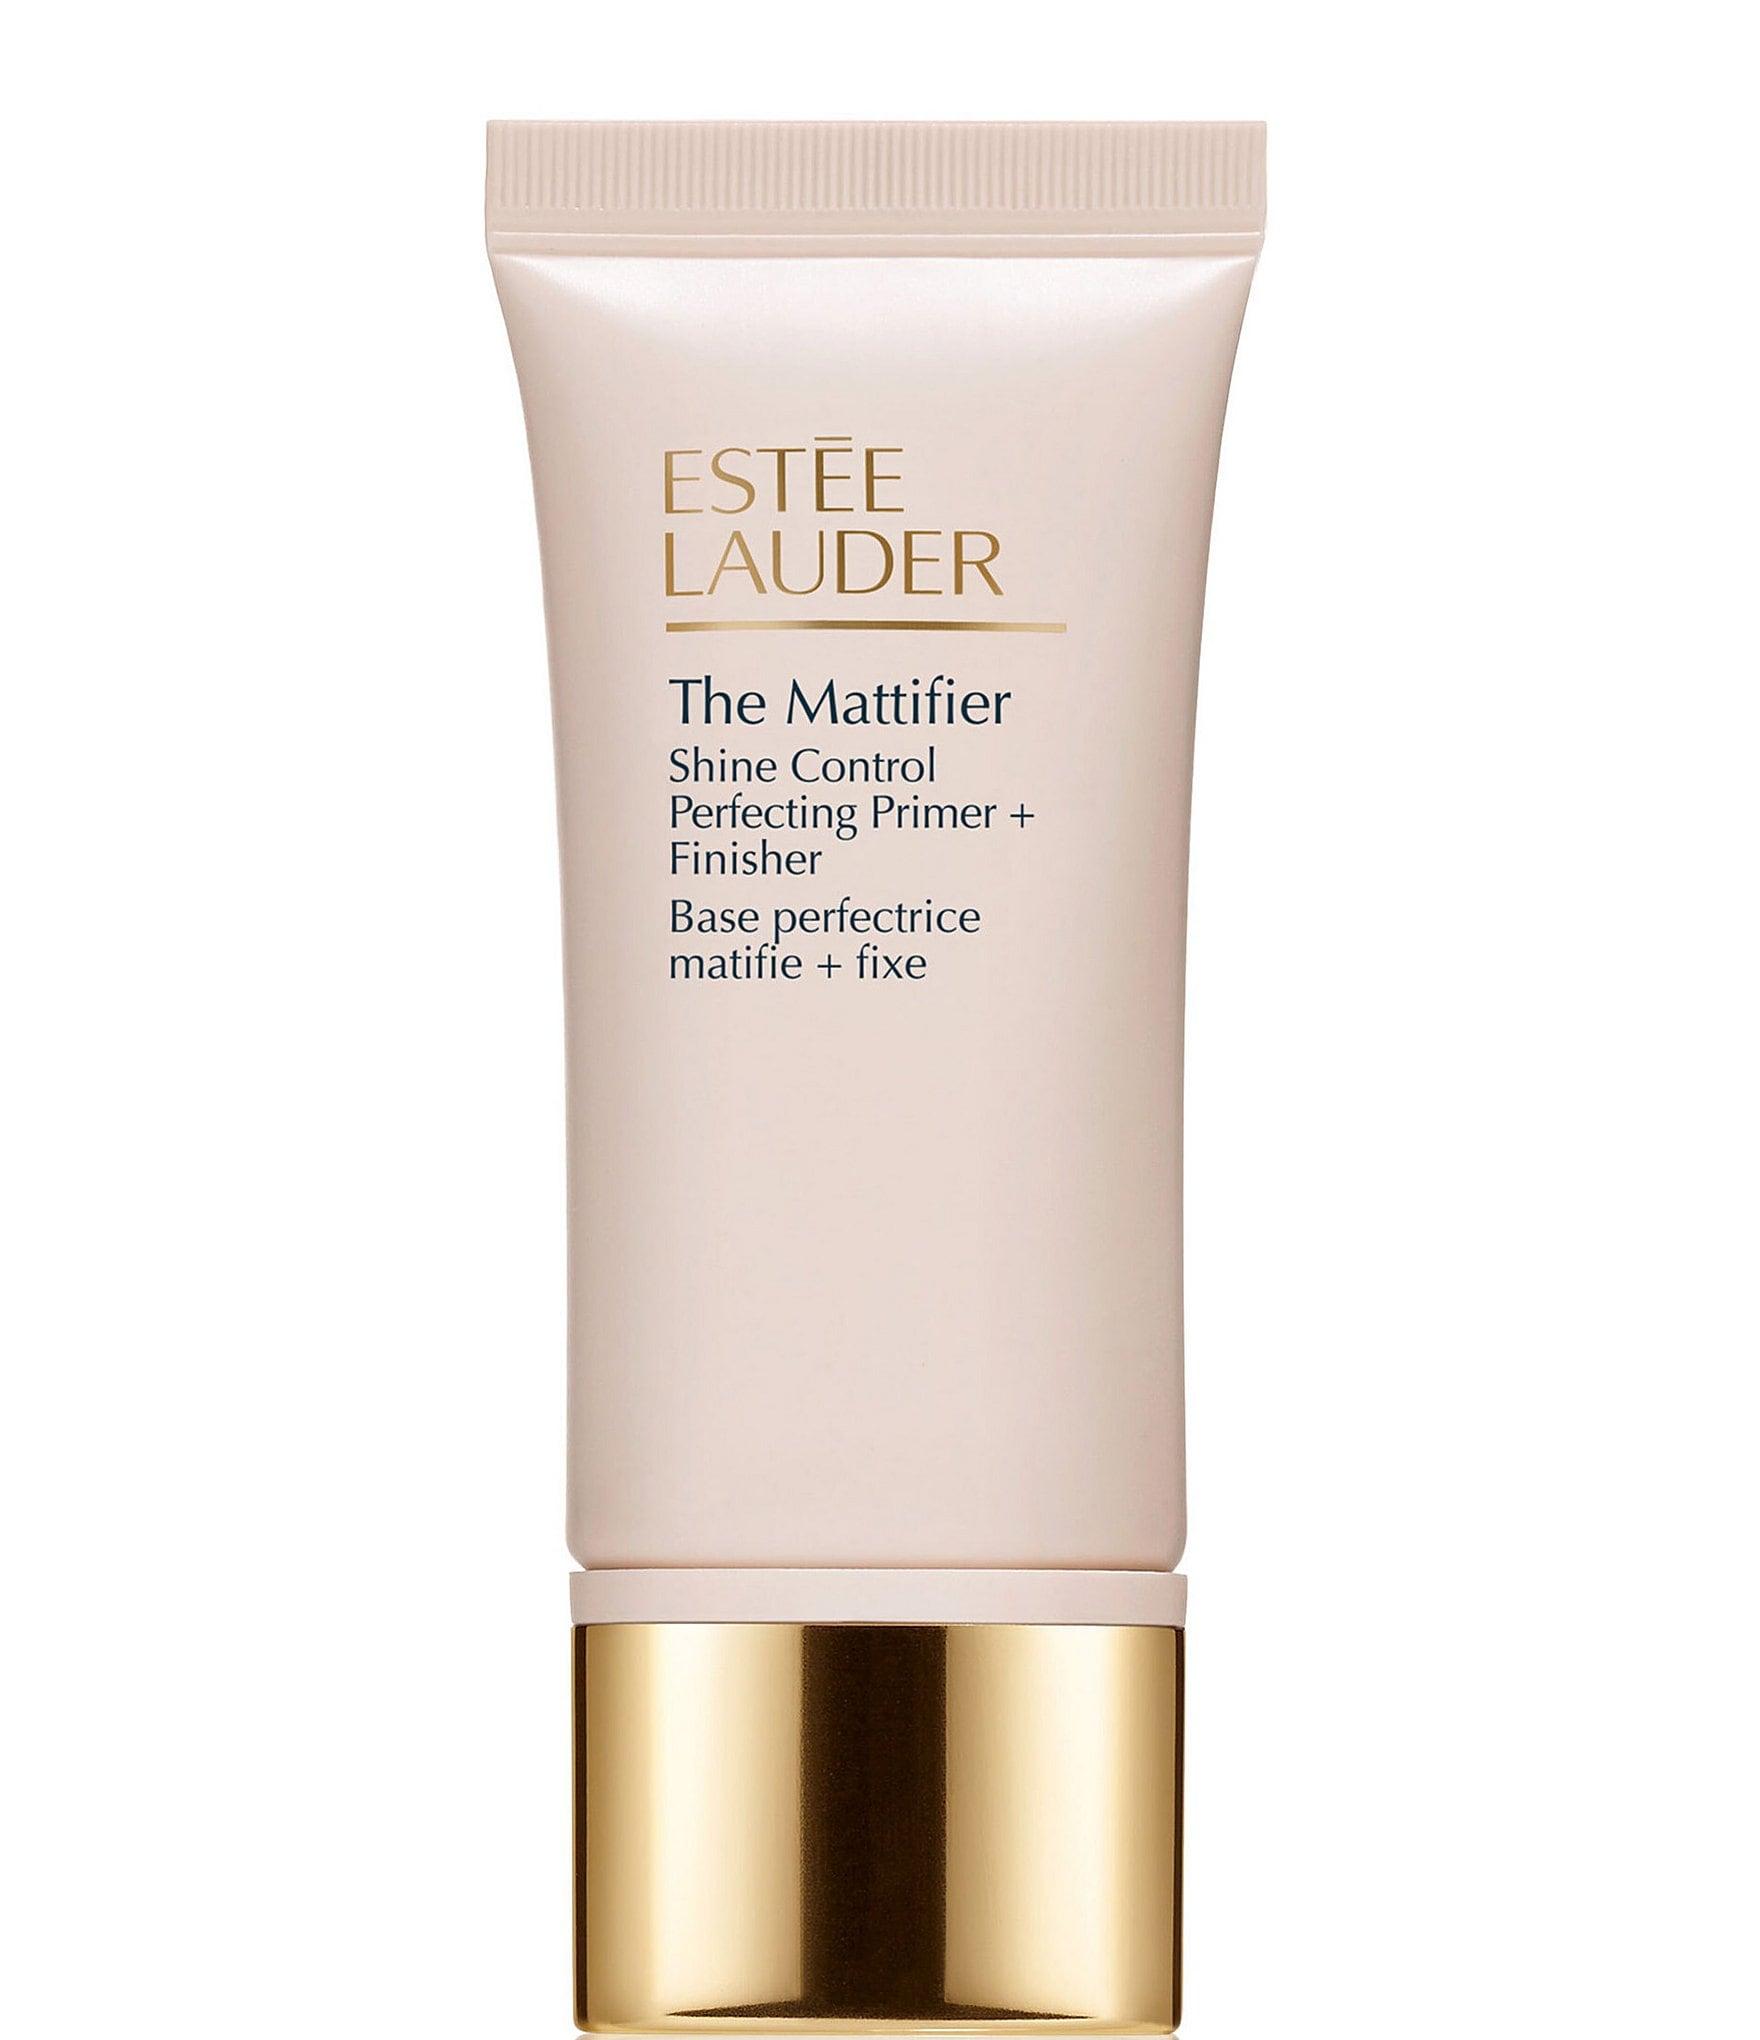 The Mattifier Shine Control Perfecting Primer by Estée Lauder #18